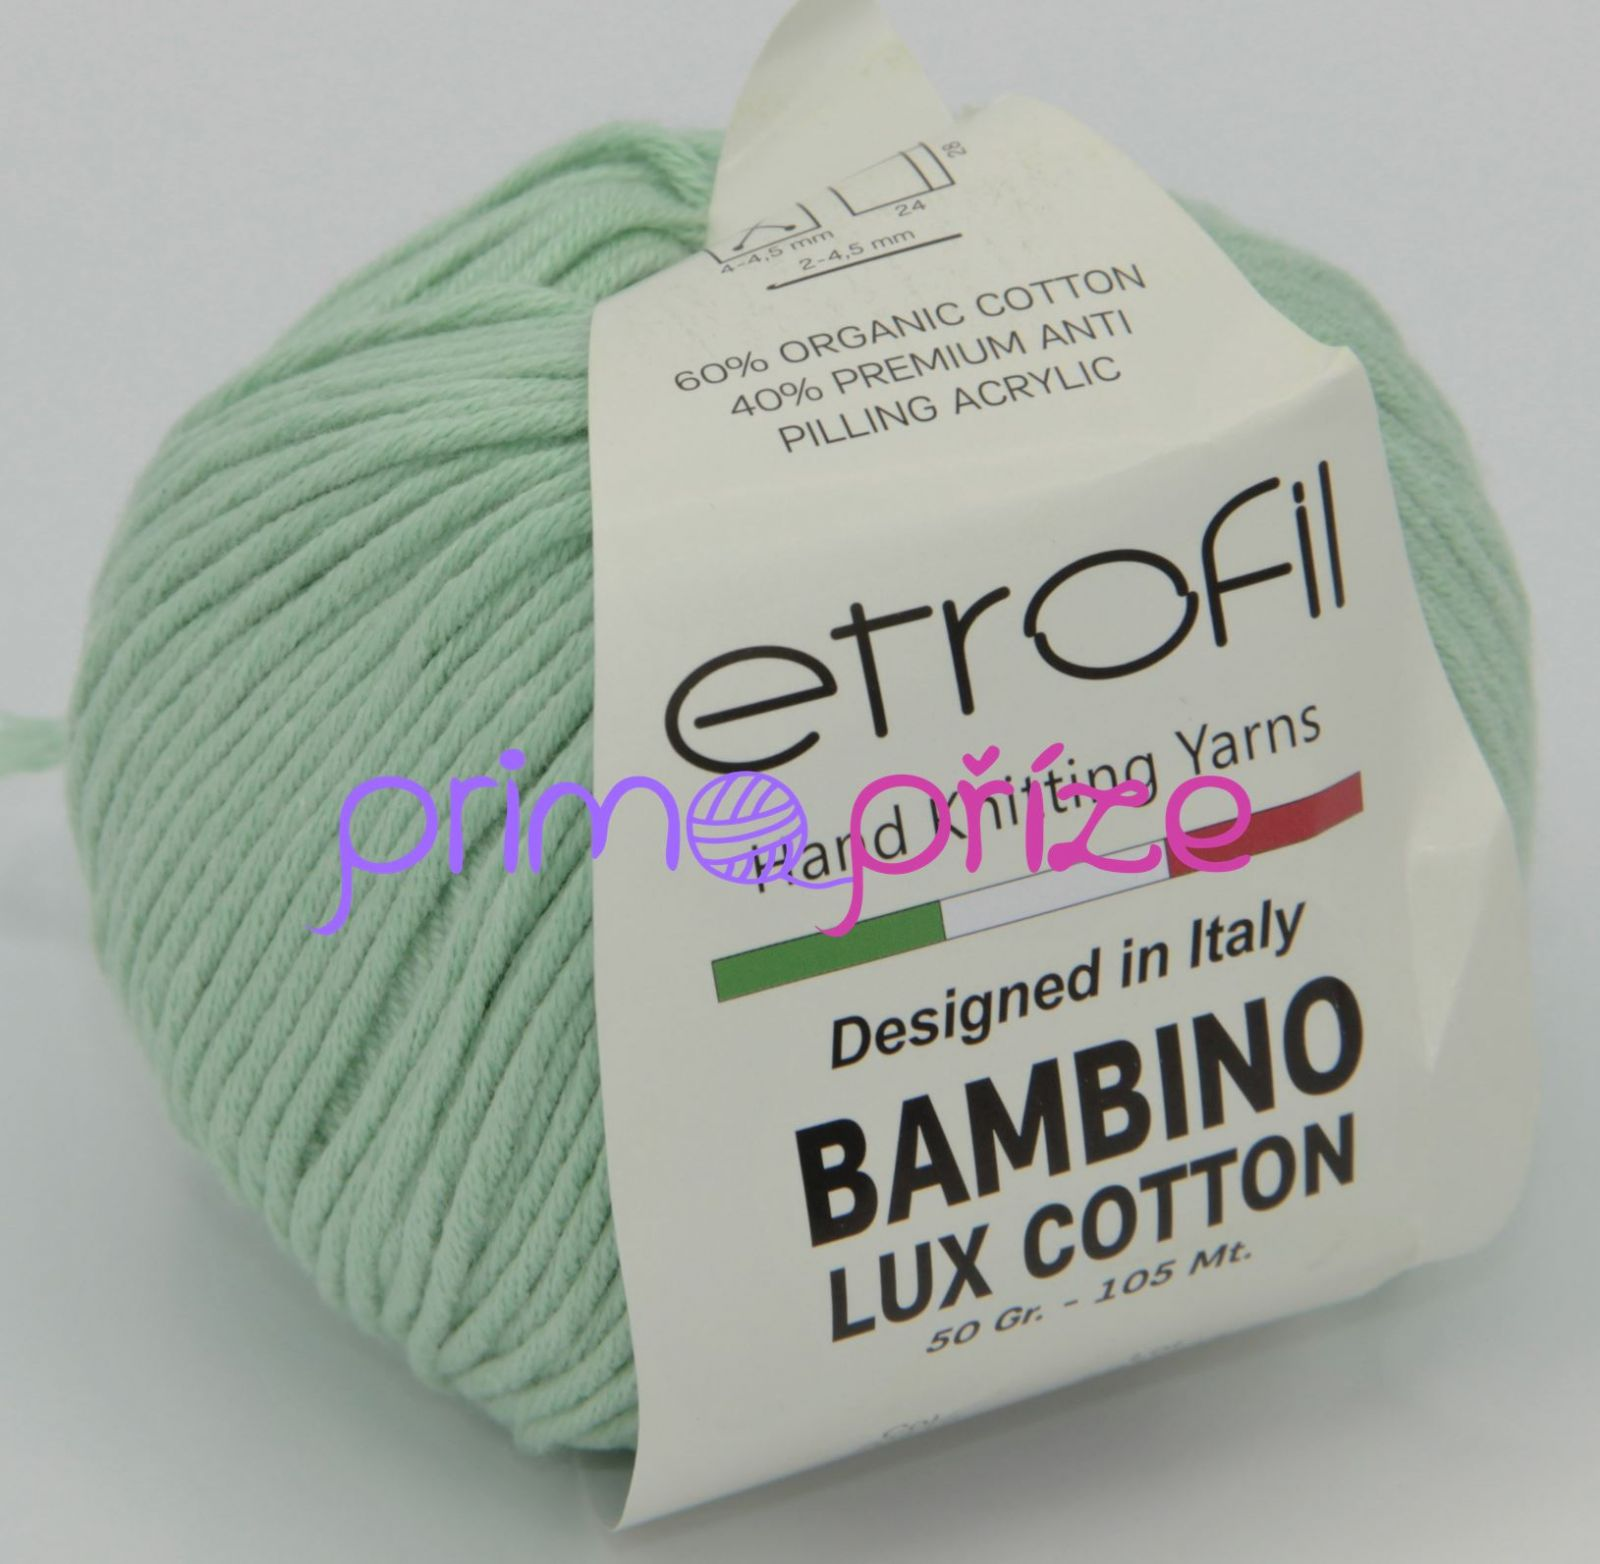 ETROFIL Bambino Lux Cotton 70412 hráškově zelená